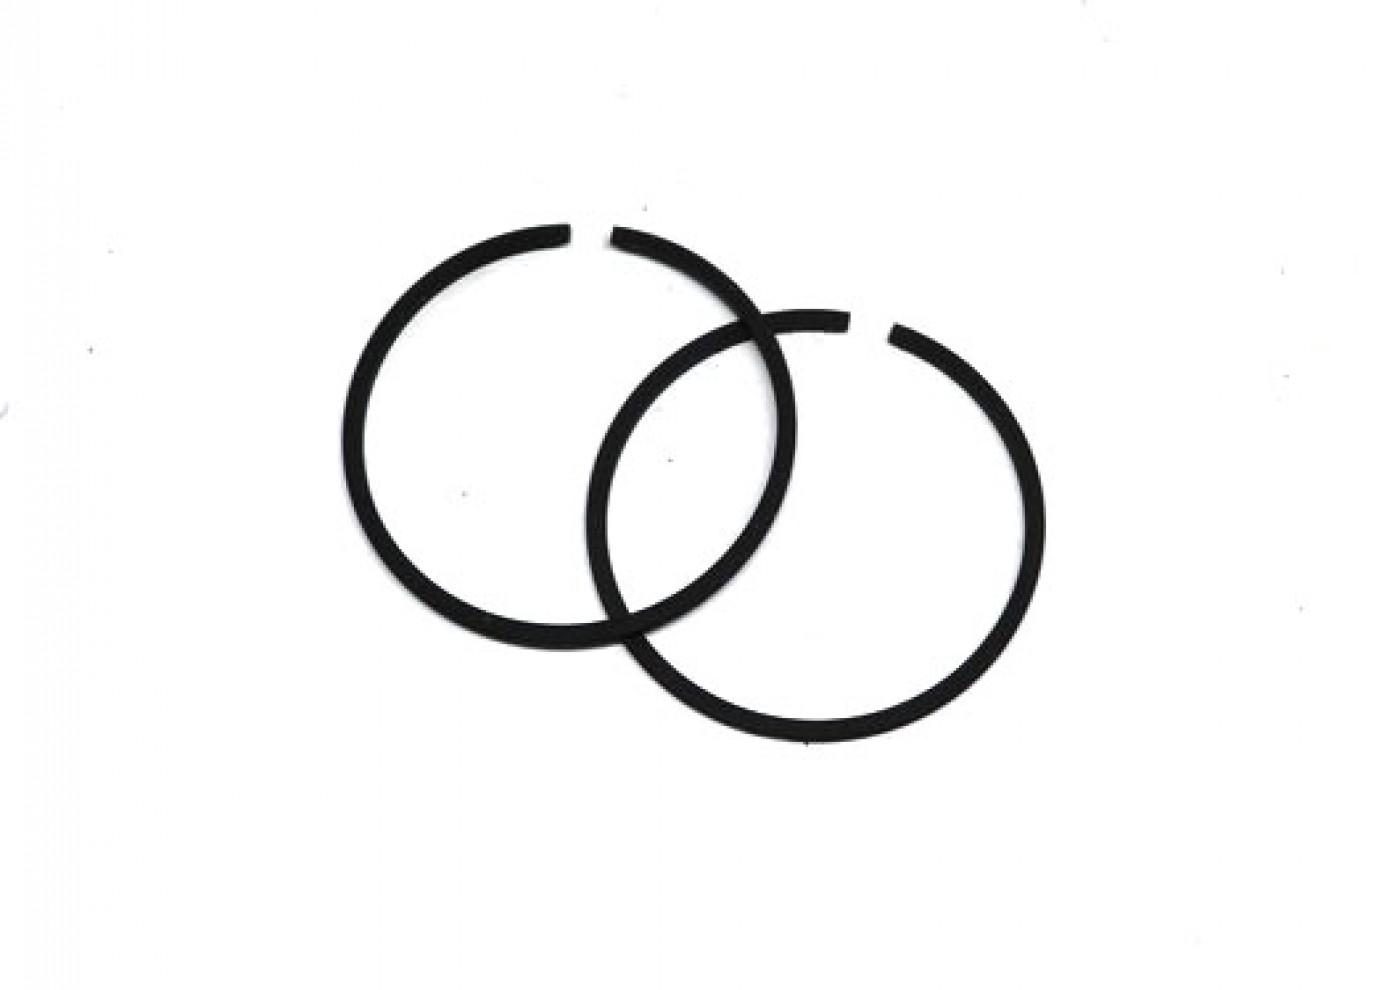 Súprava piestnych krúžkov Stihl MS310